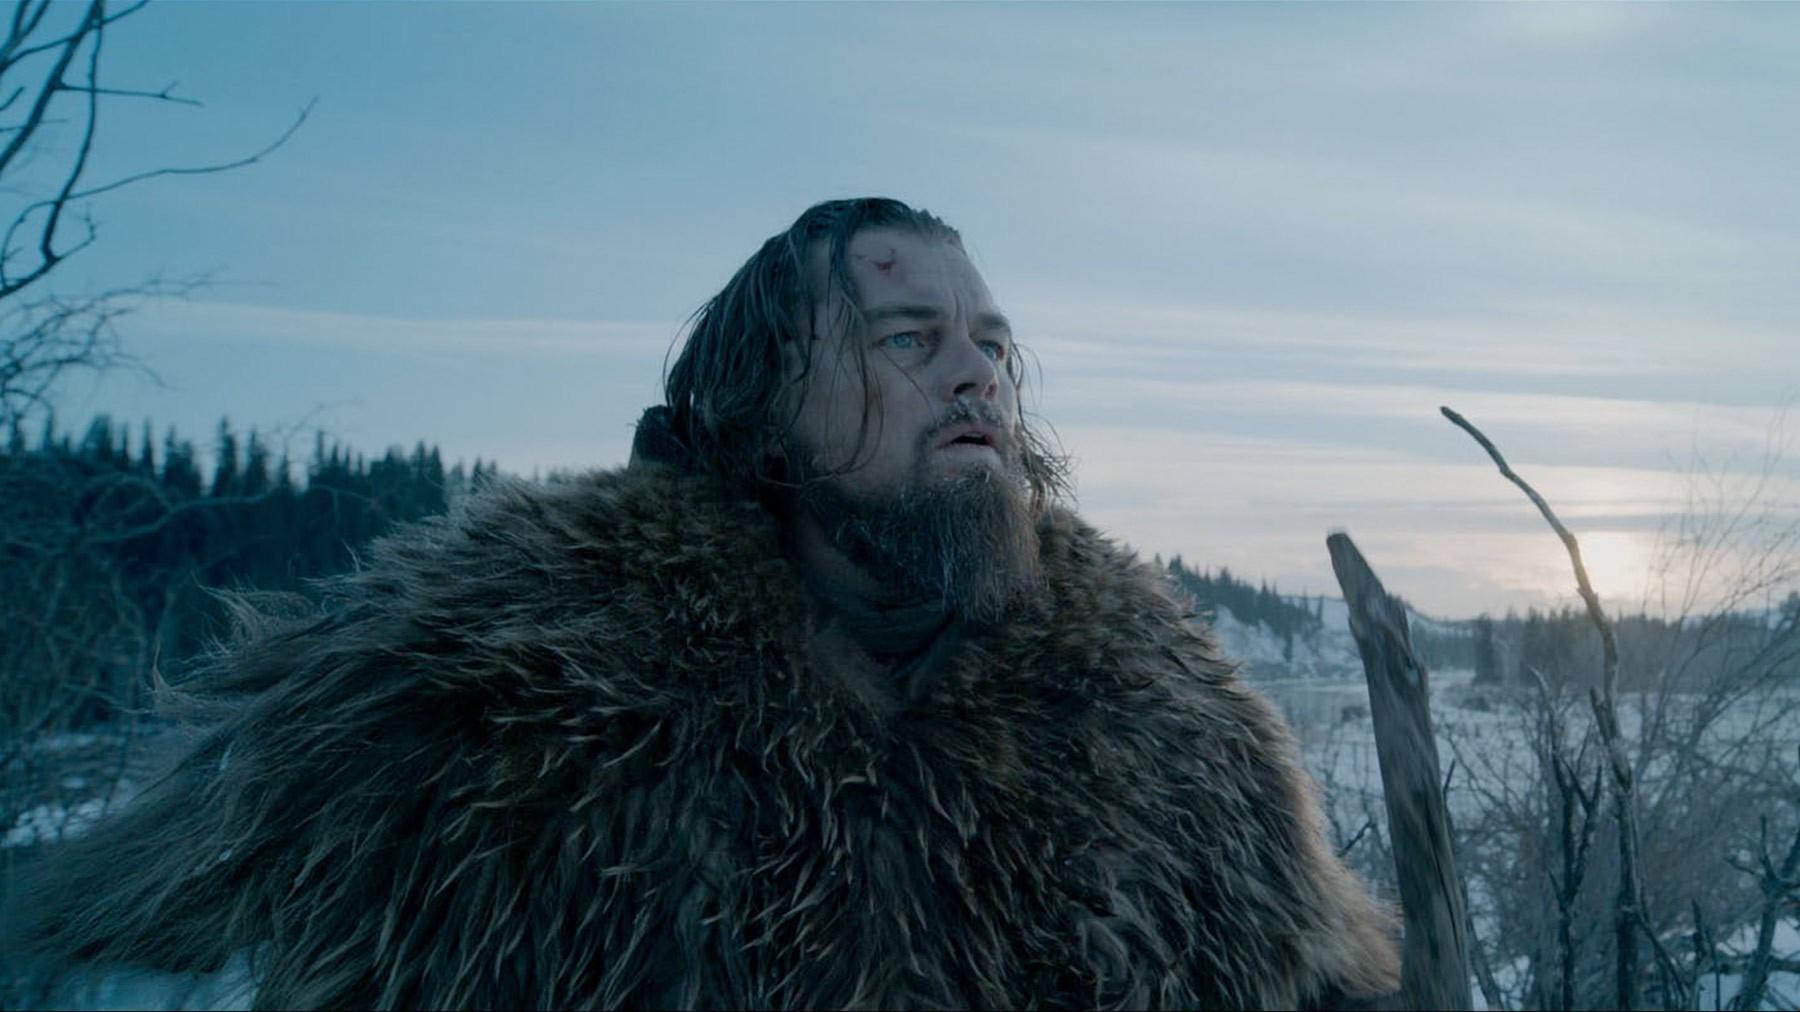 смотреть фільми 2016   в хорошем качестве